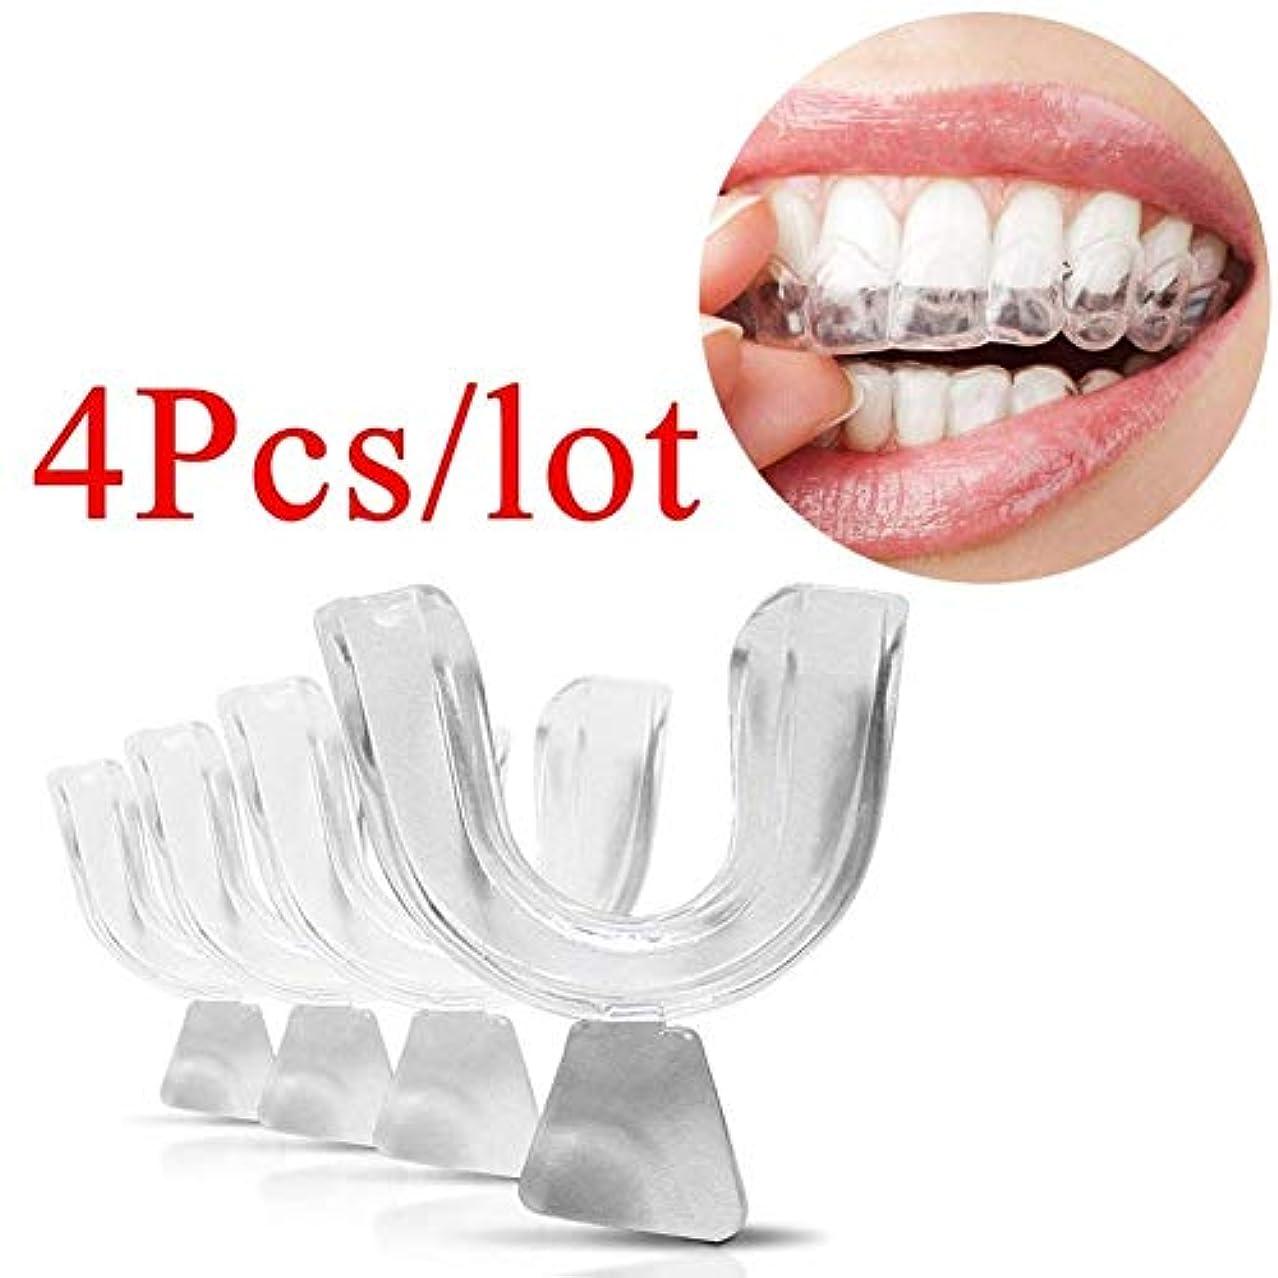 抽象腸ペグ透明な食品等級を白くする安全な口の皿のMoldable歯科用歯の口の歯,4Pcs